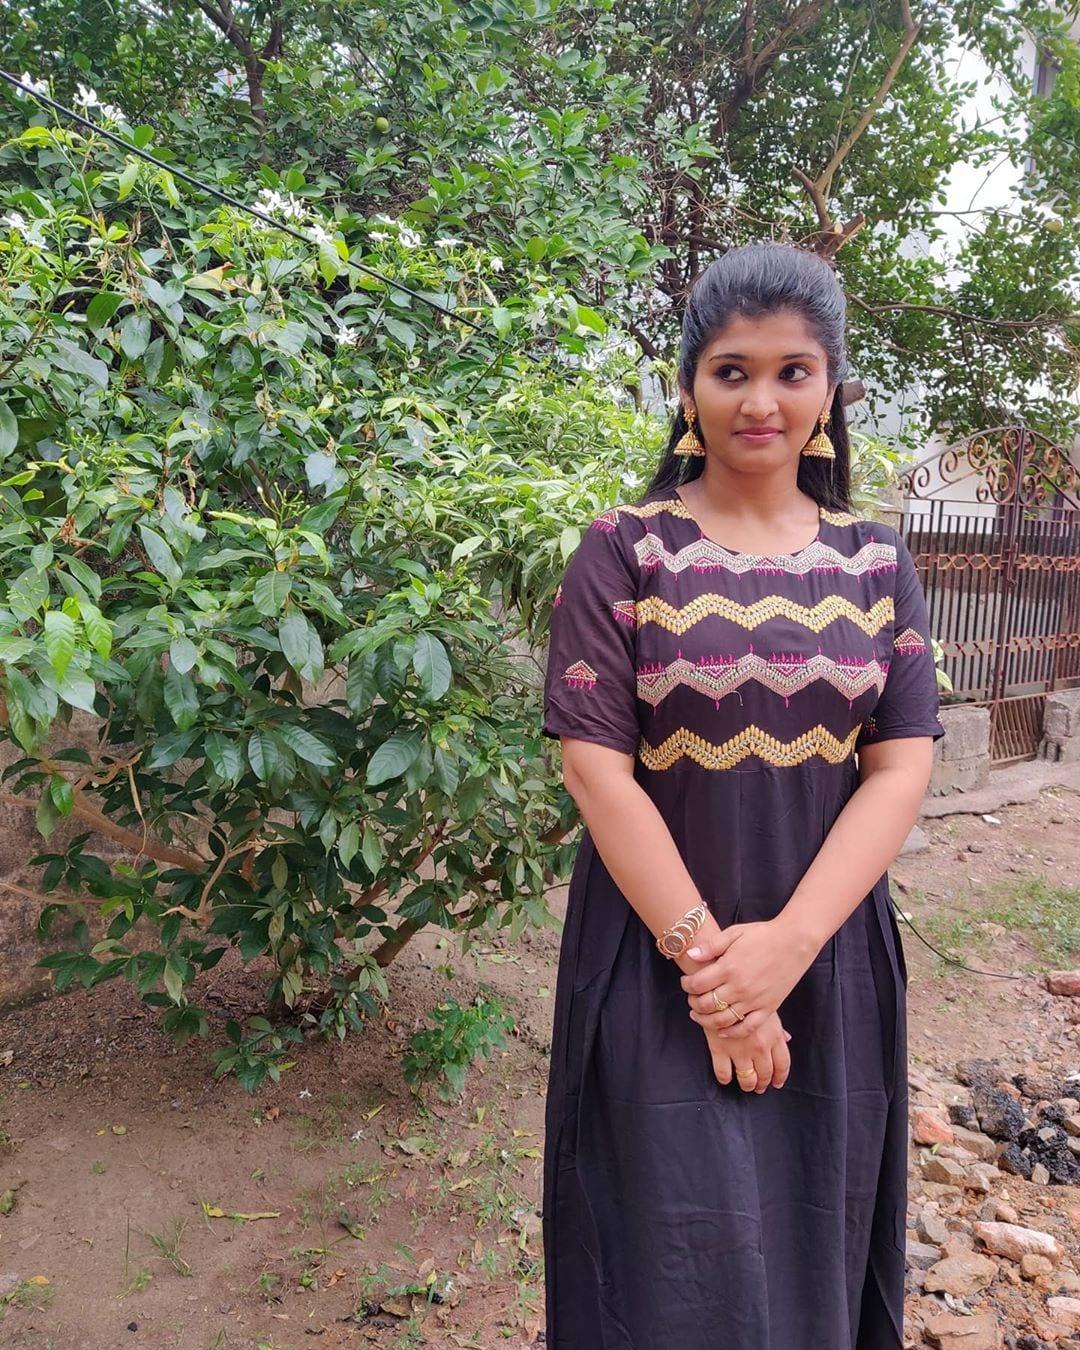 மனைவியுடன் சாண்டி மாஸ்டர் (photo: Instagram )